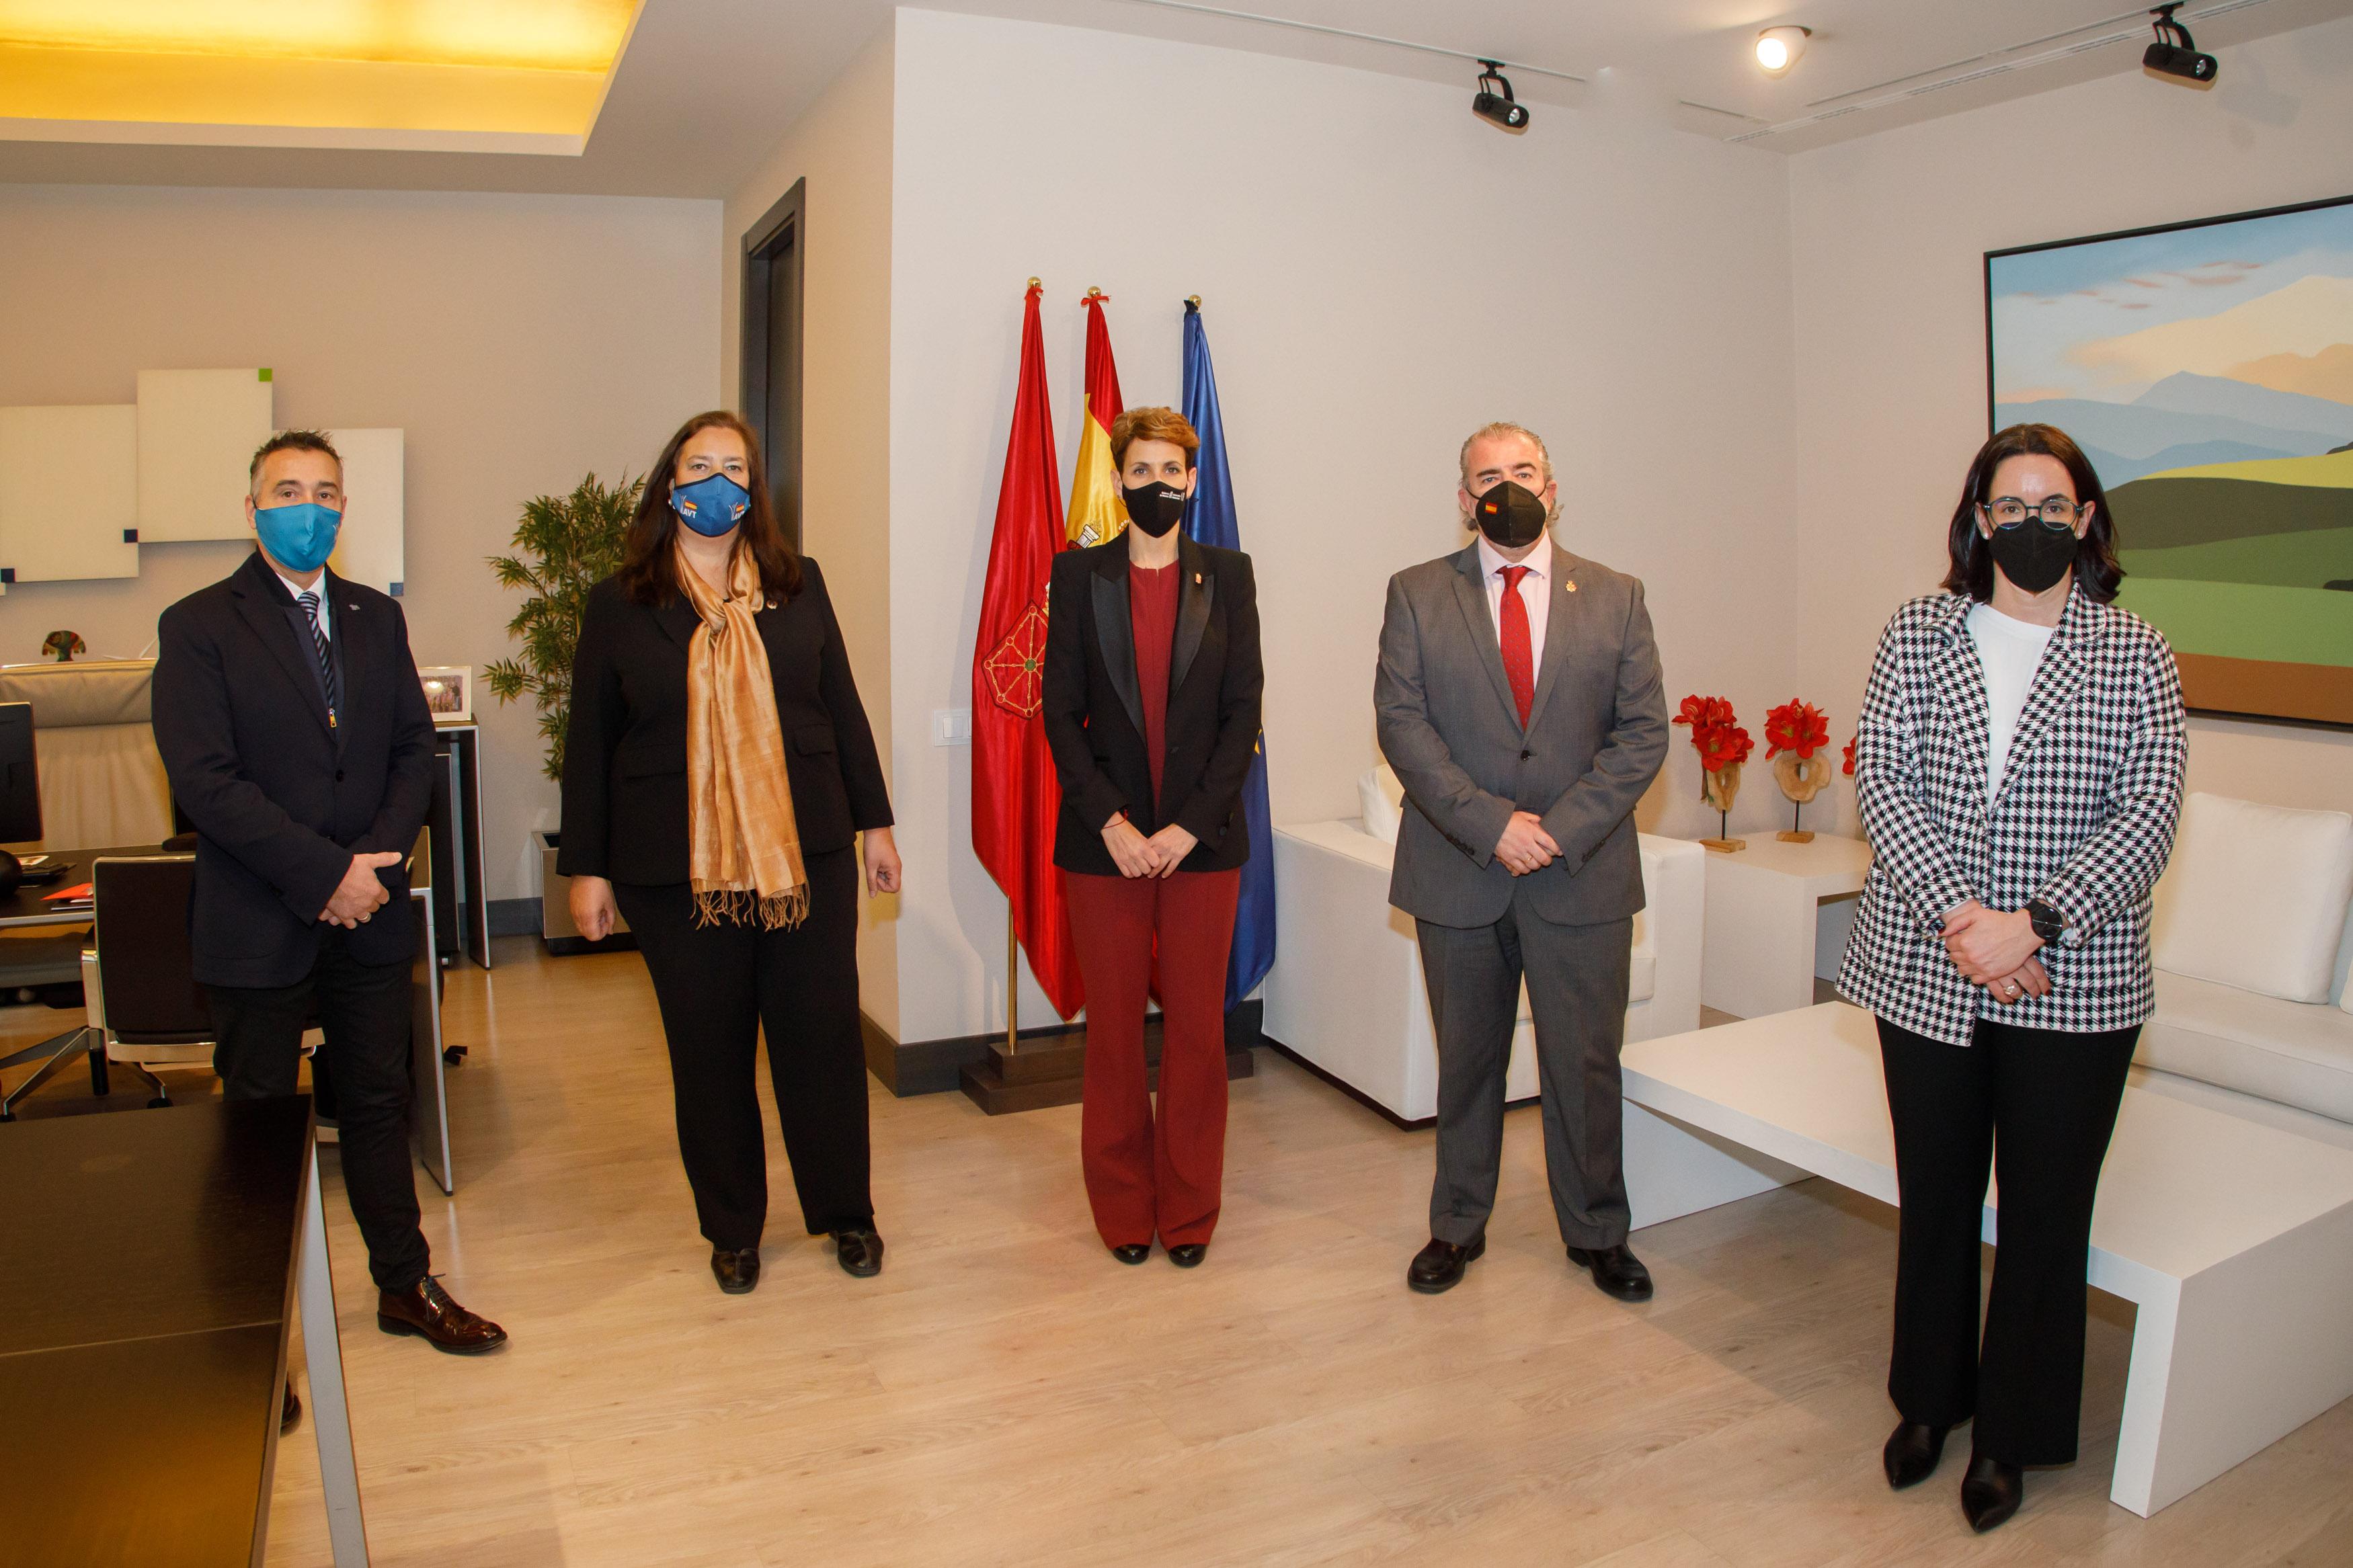 El Gobierno de Navarra y la Asociación Víctimas del Terrorismo acuerdan firmar un convenio de colaboración para atención a las víctimas